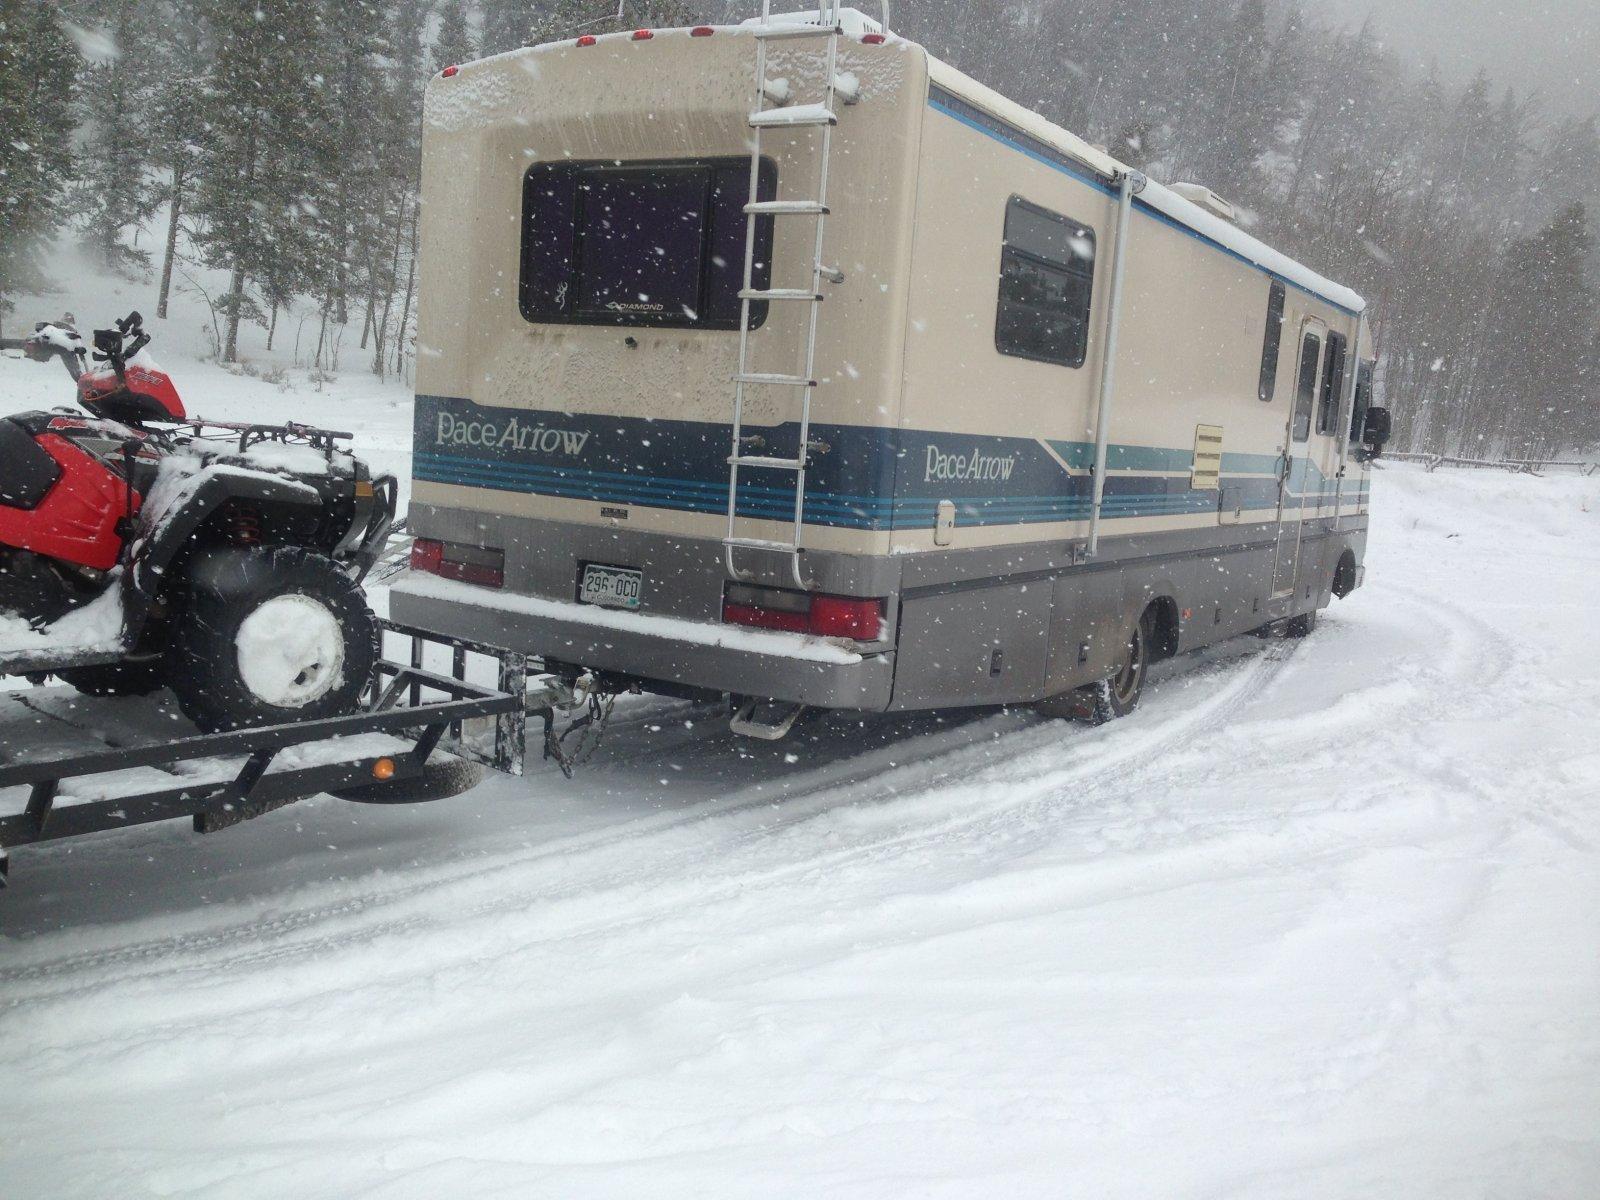 prepare your RV for winter